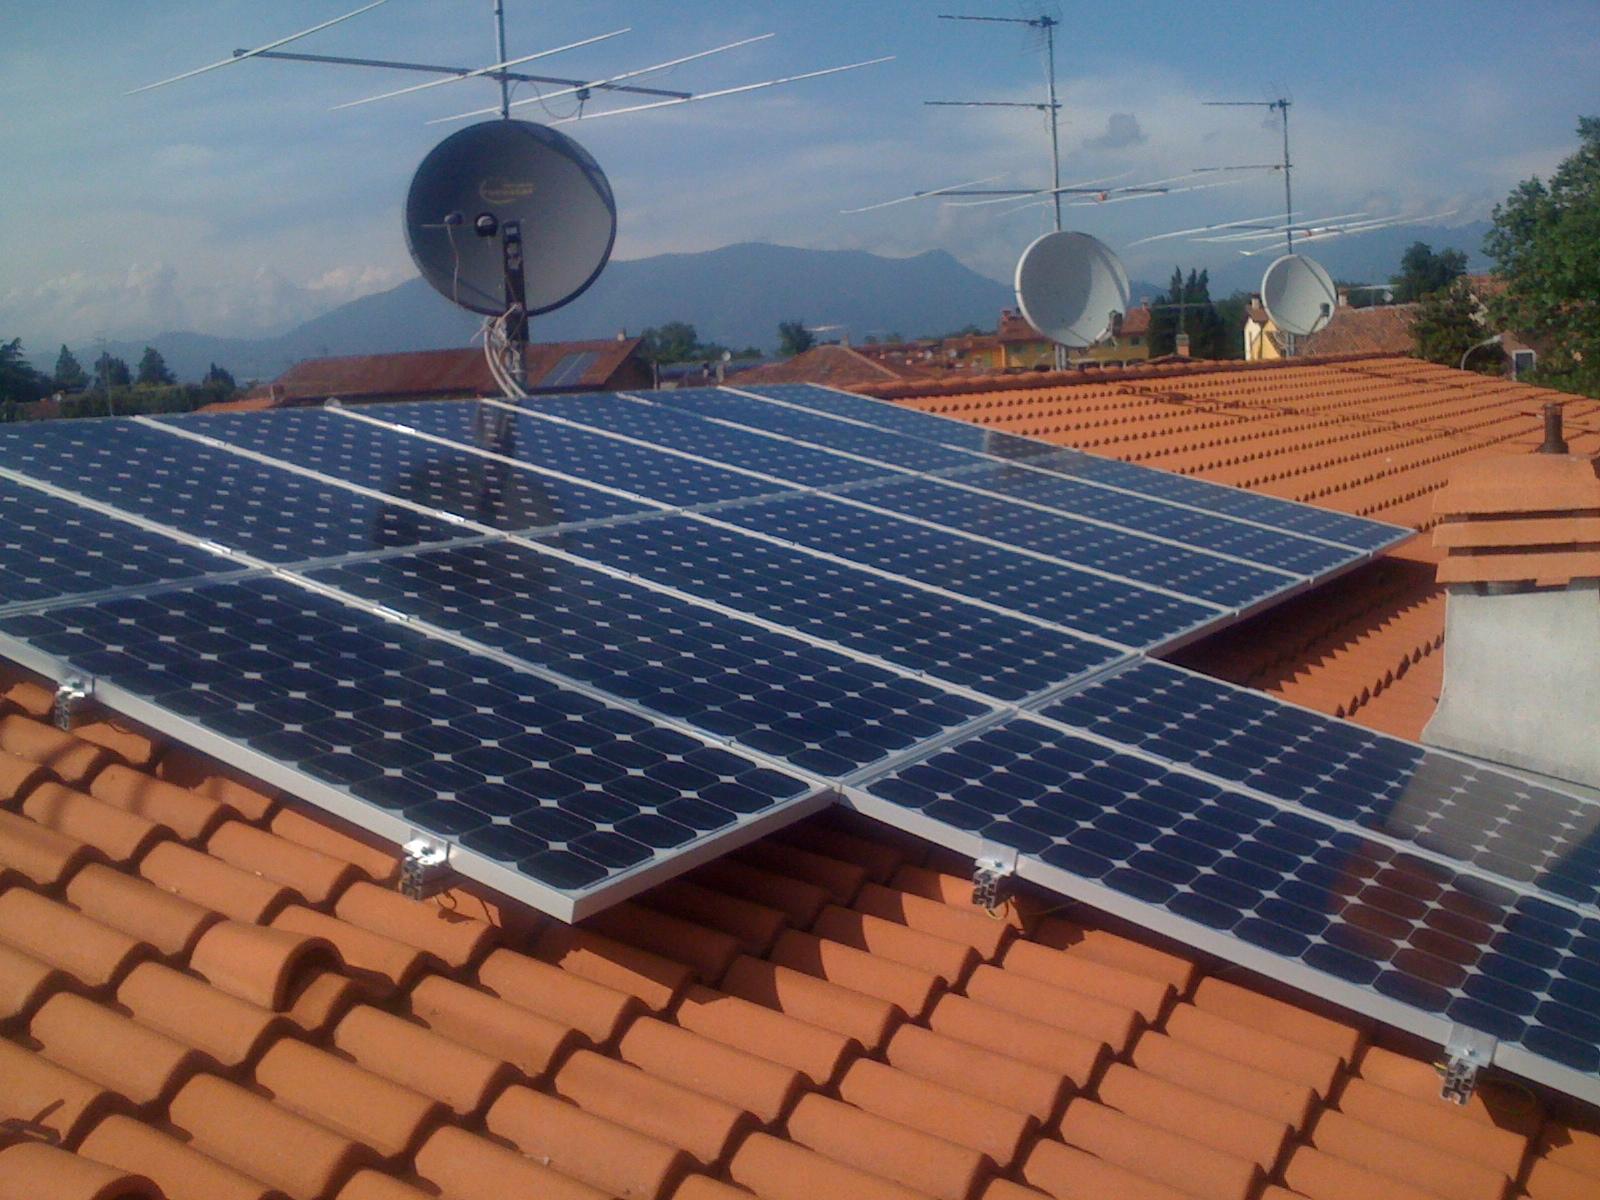 Pannello Solare Per Tetto Auto : Boss ecologista a napoli la sua casa era abusiva ma